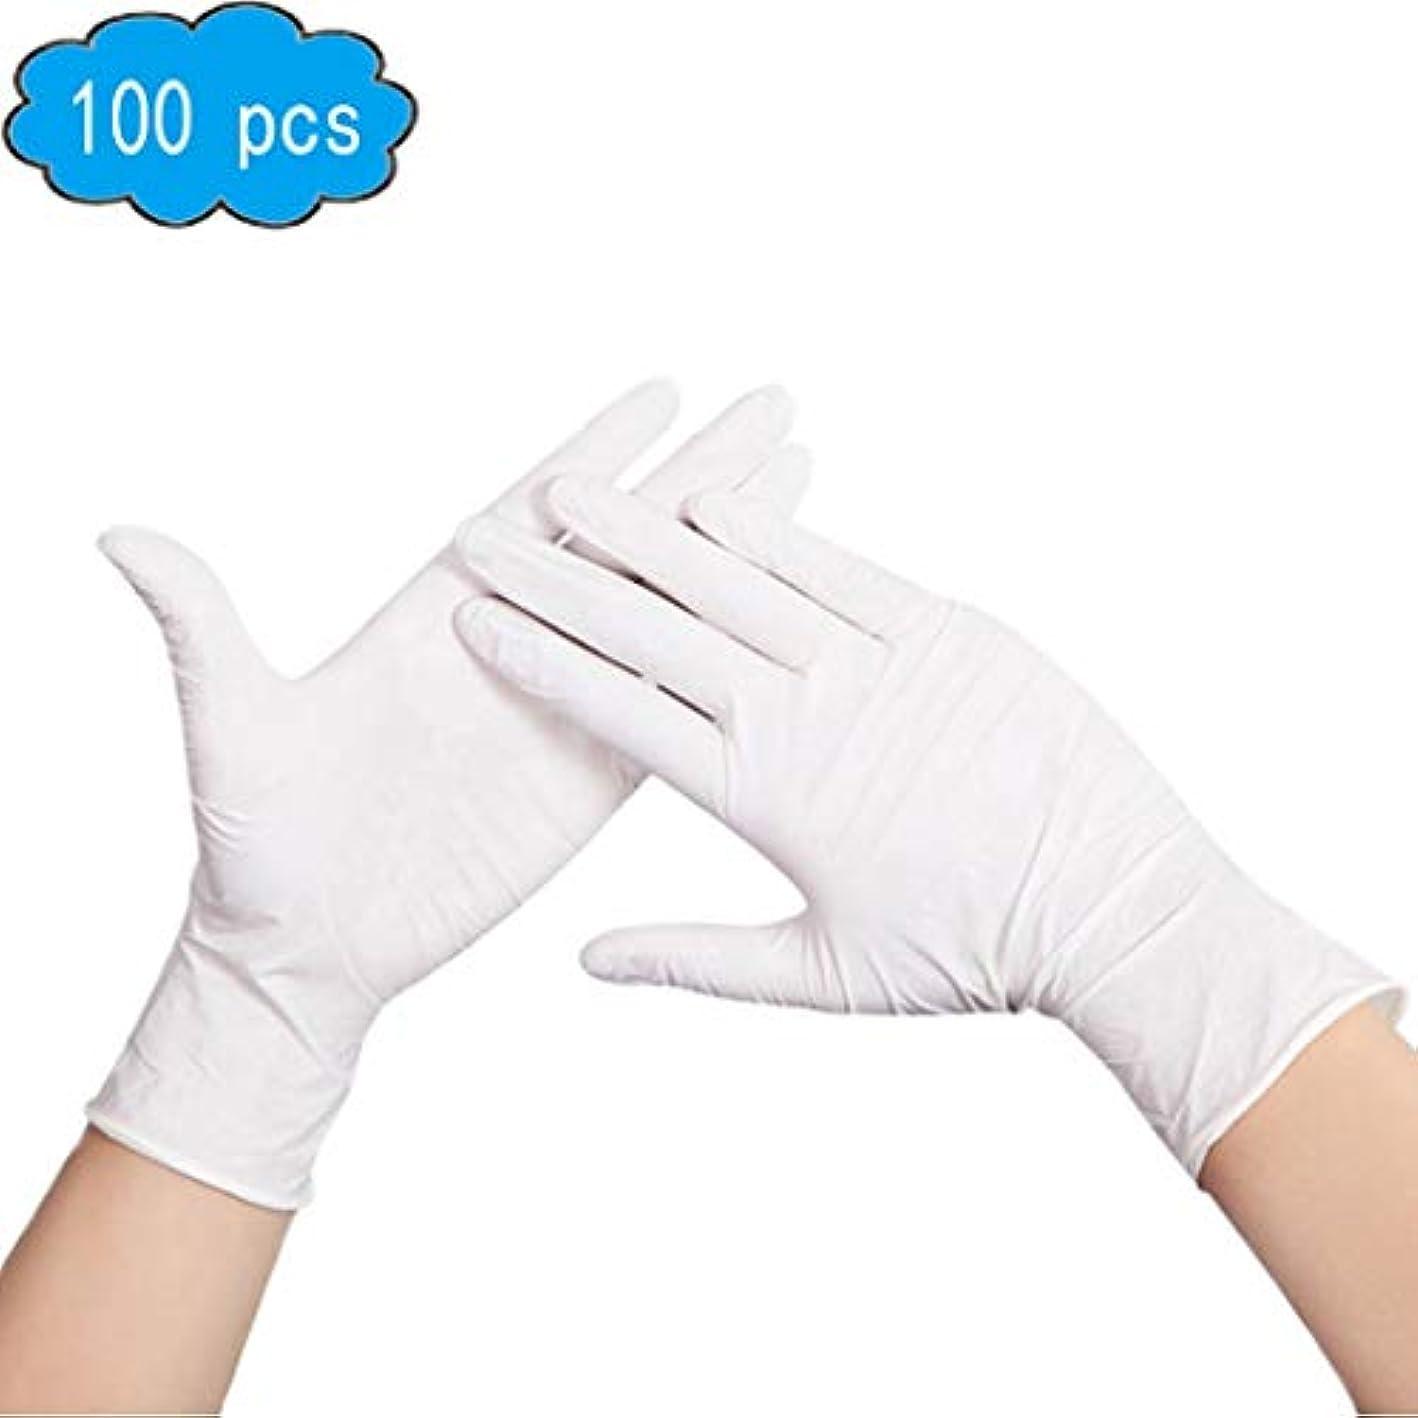 ニトリル手袋、ラテックス医療検査用パウダーフリーの使い捨て手袋サイズ中 - 9